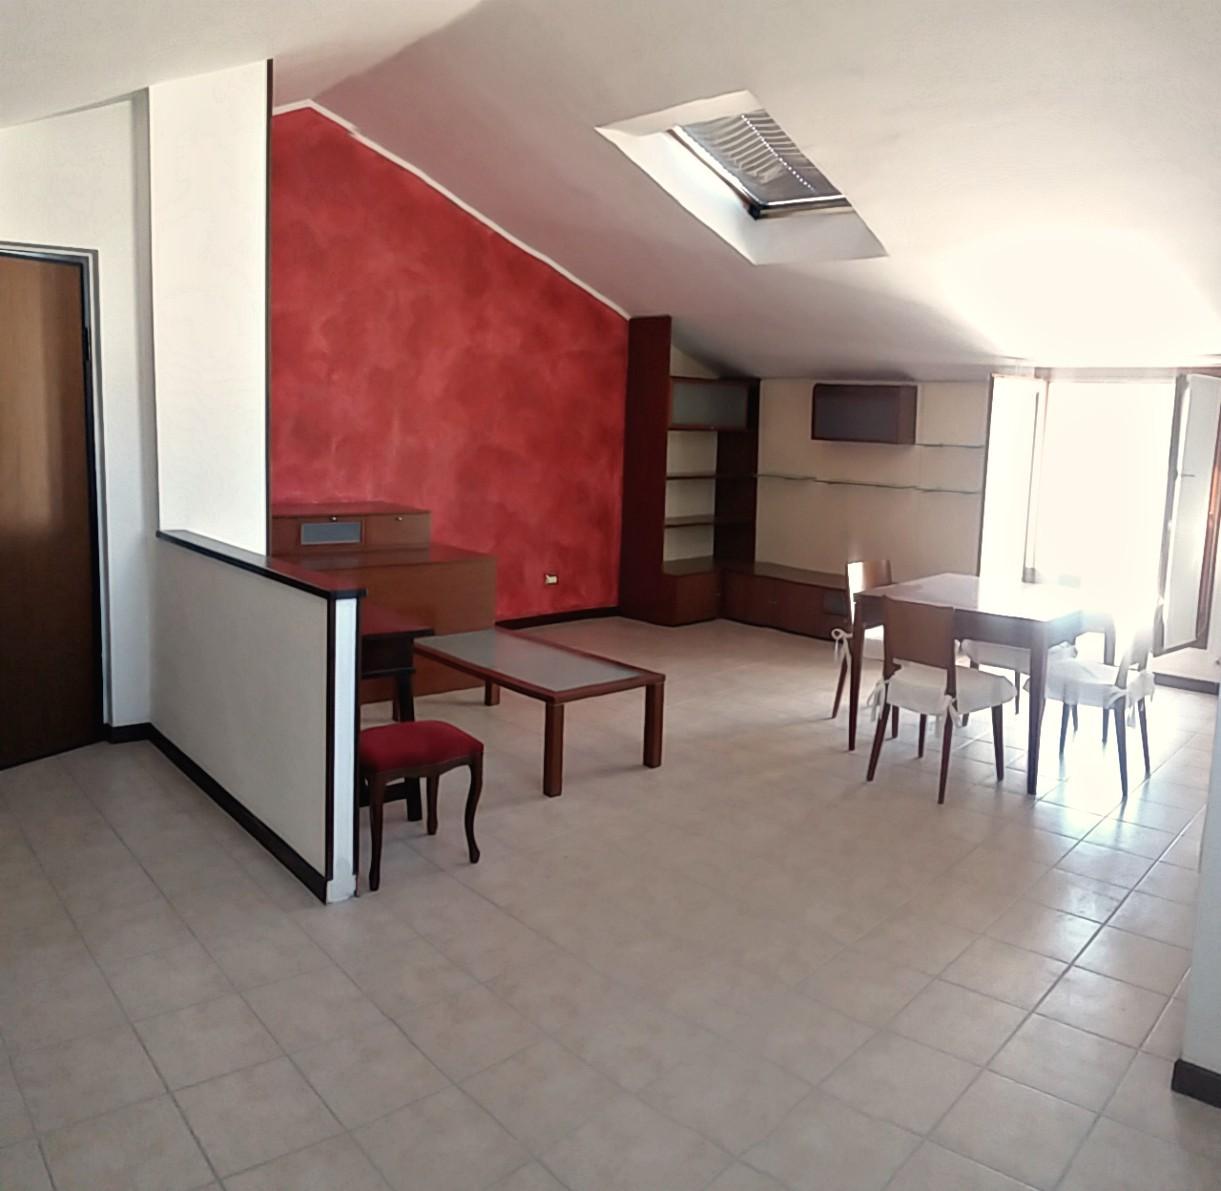 Rieti : Campoloniano – Appartamento mansardato con due camere (Rif. 1942)